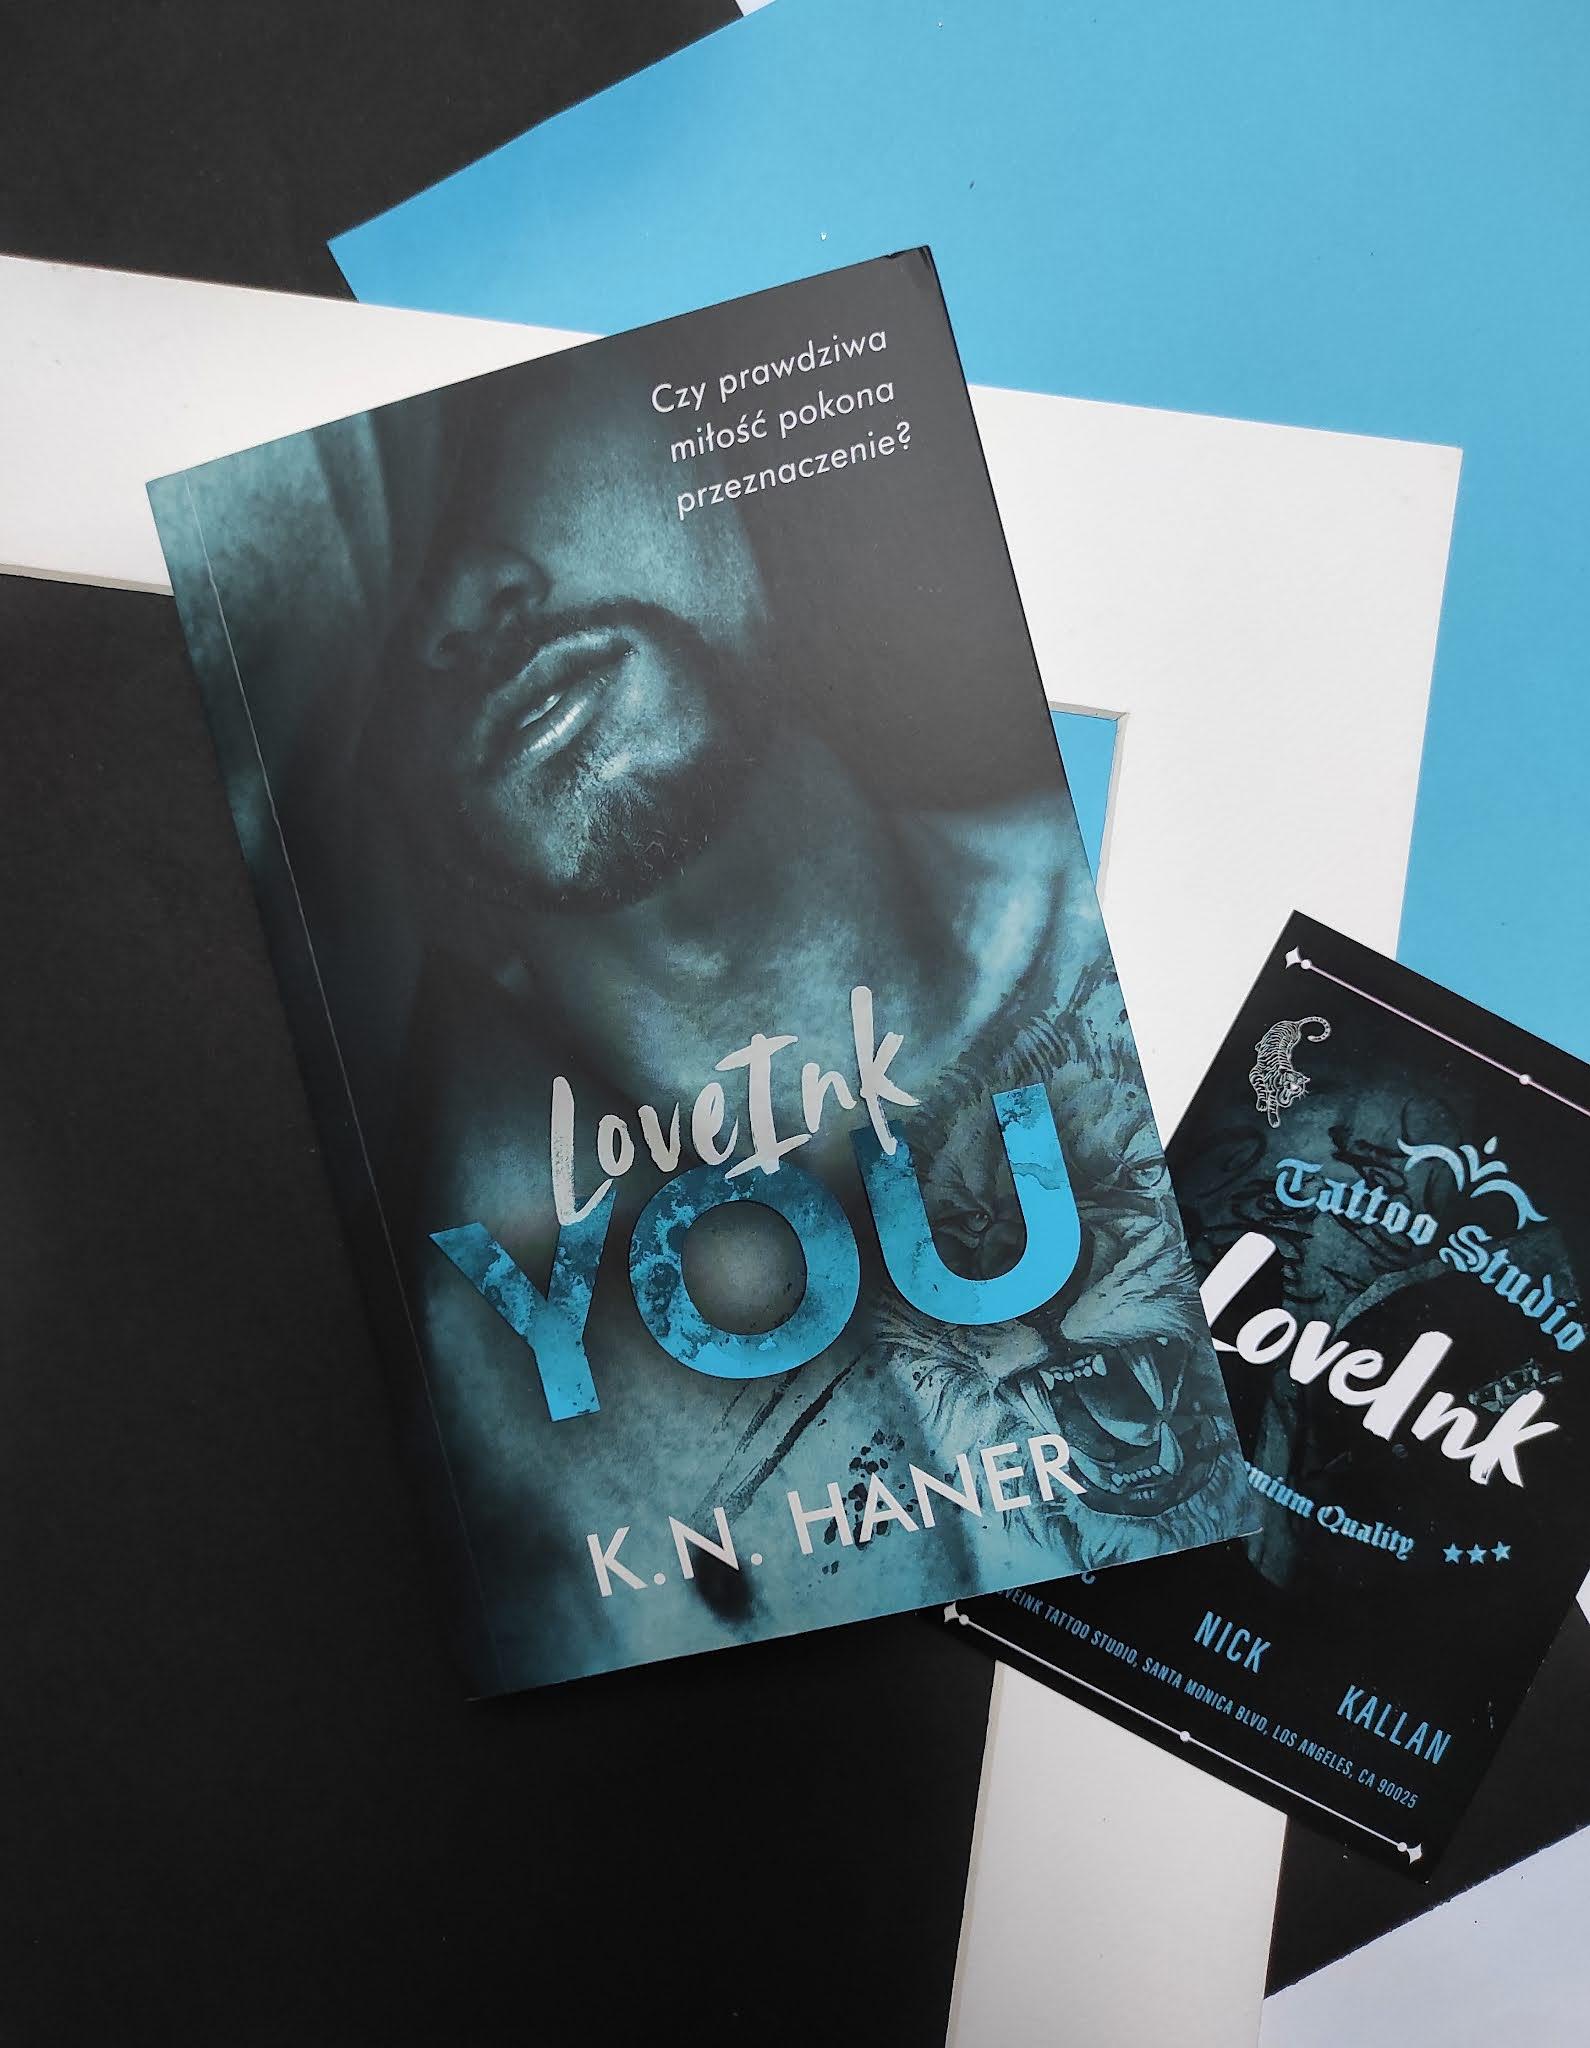 """""""LoveInk You"""" K.N. Haner - recenzja"""